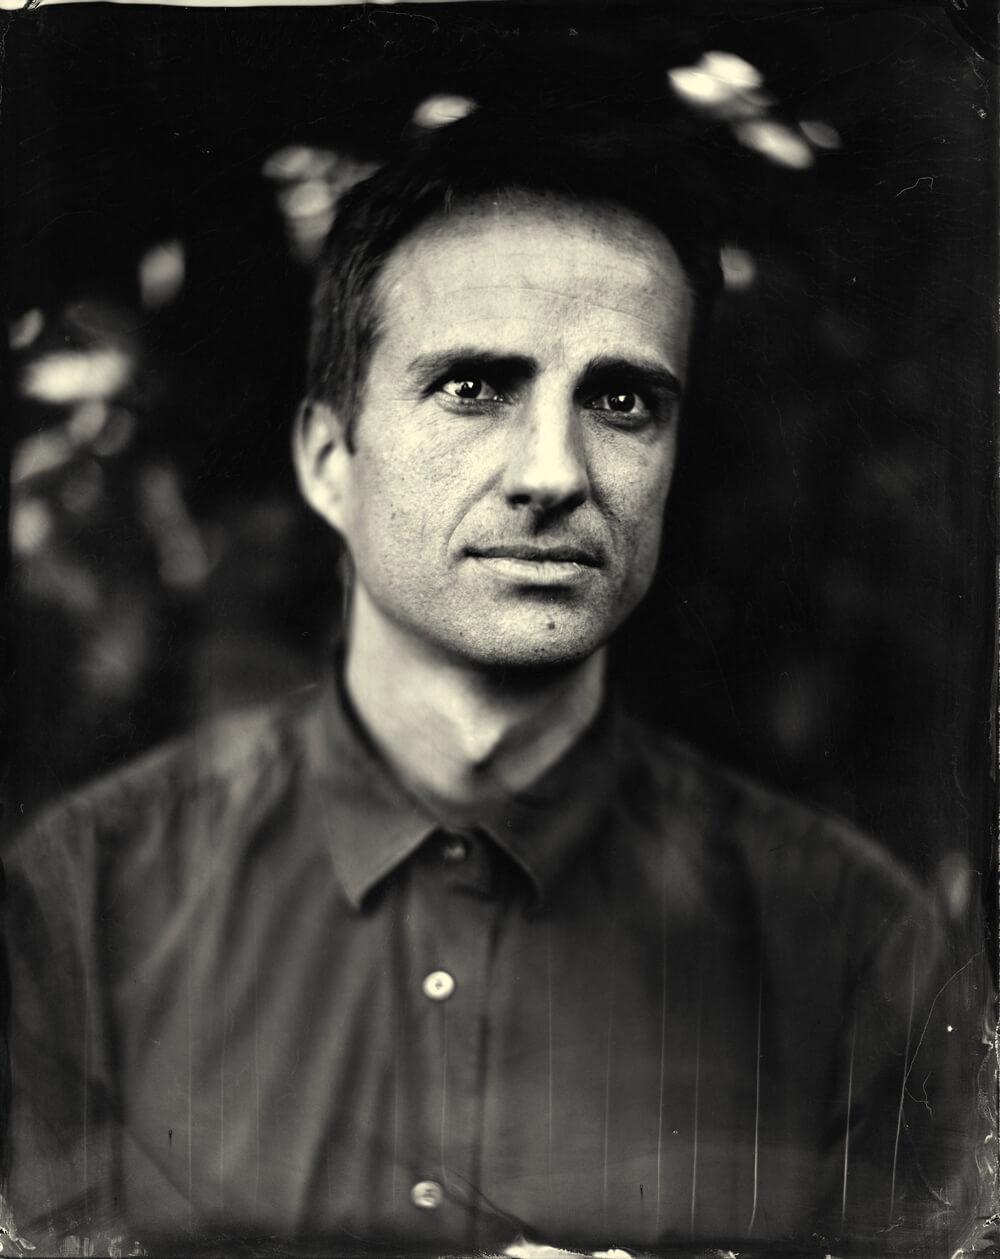 Portrait photographique de Matthieu André lézards création agence communication publicité vosges